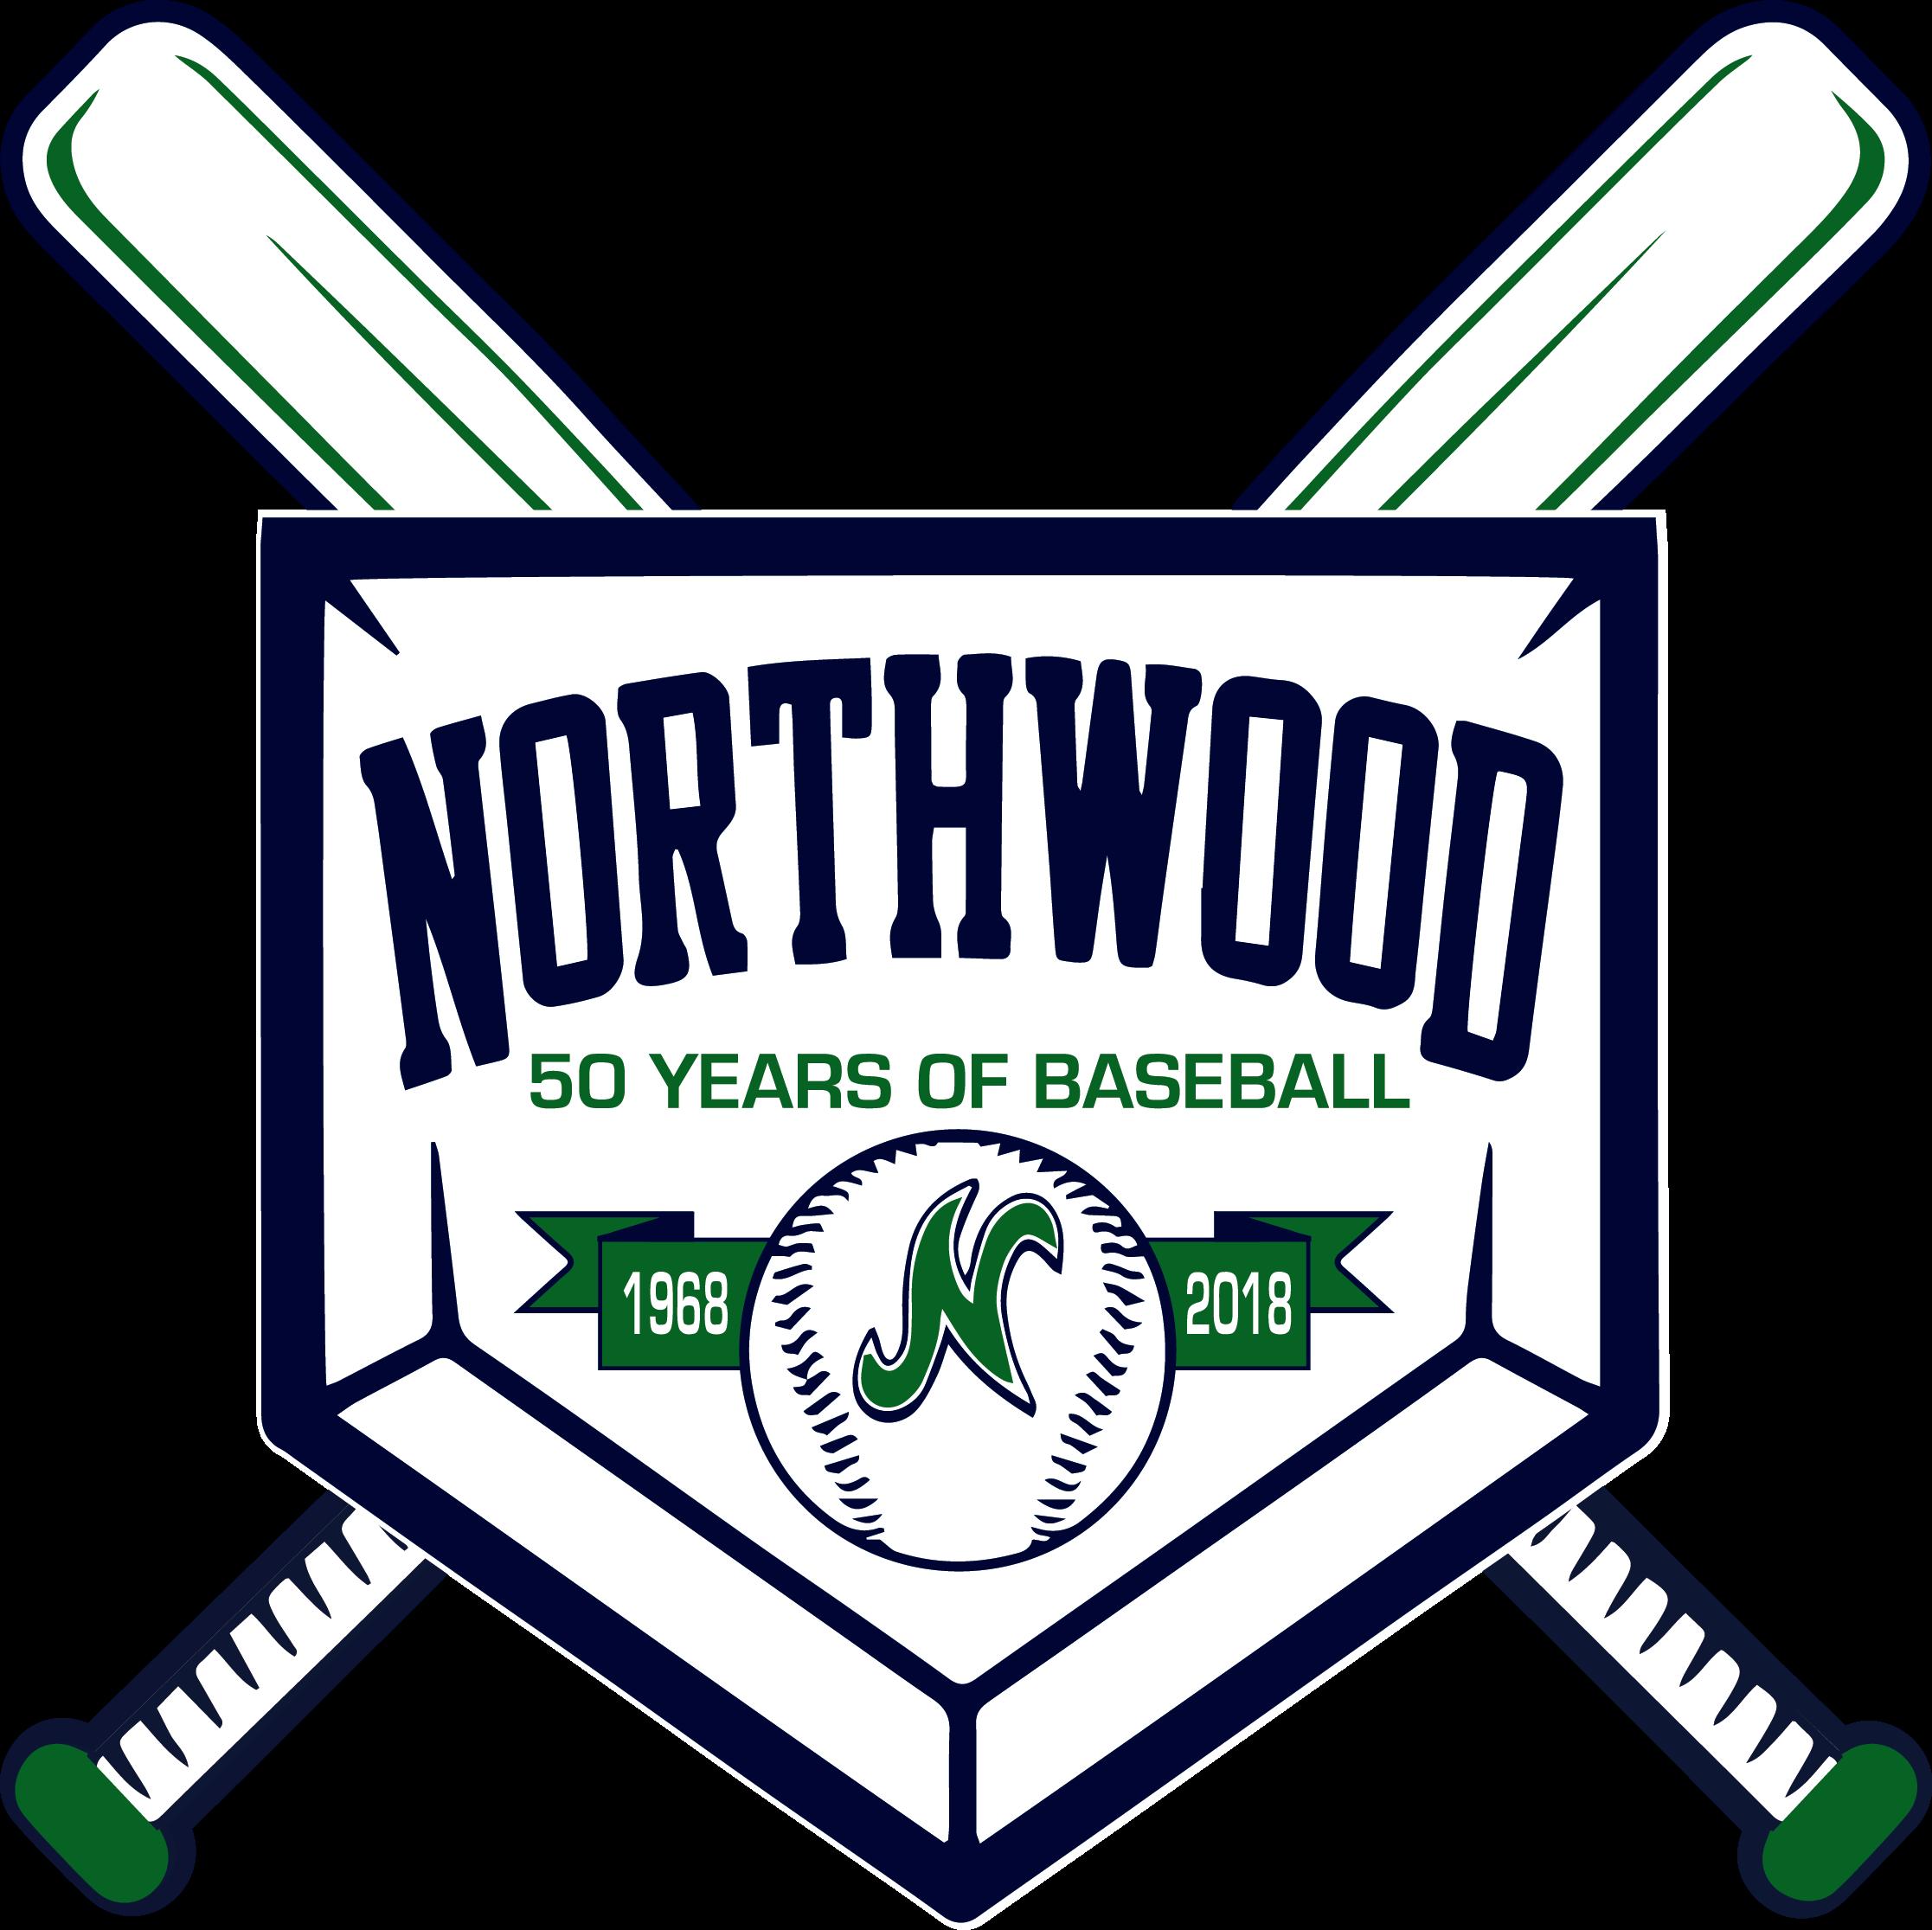 Little league baseball clipart clipart transparent download Northwood Little League clipart transparent download